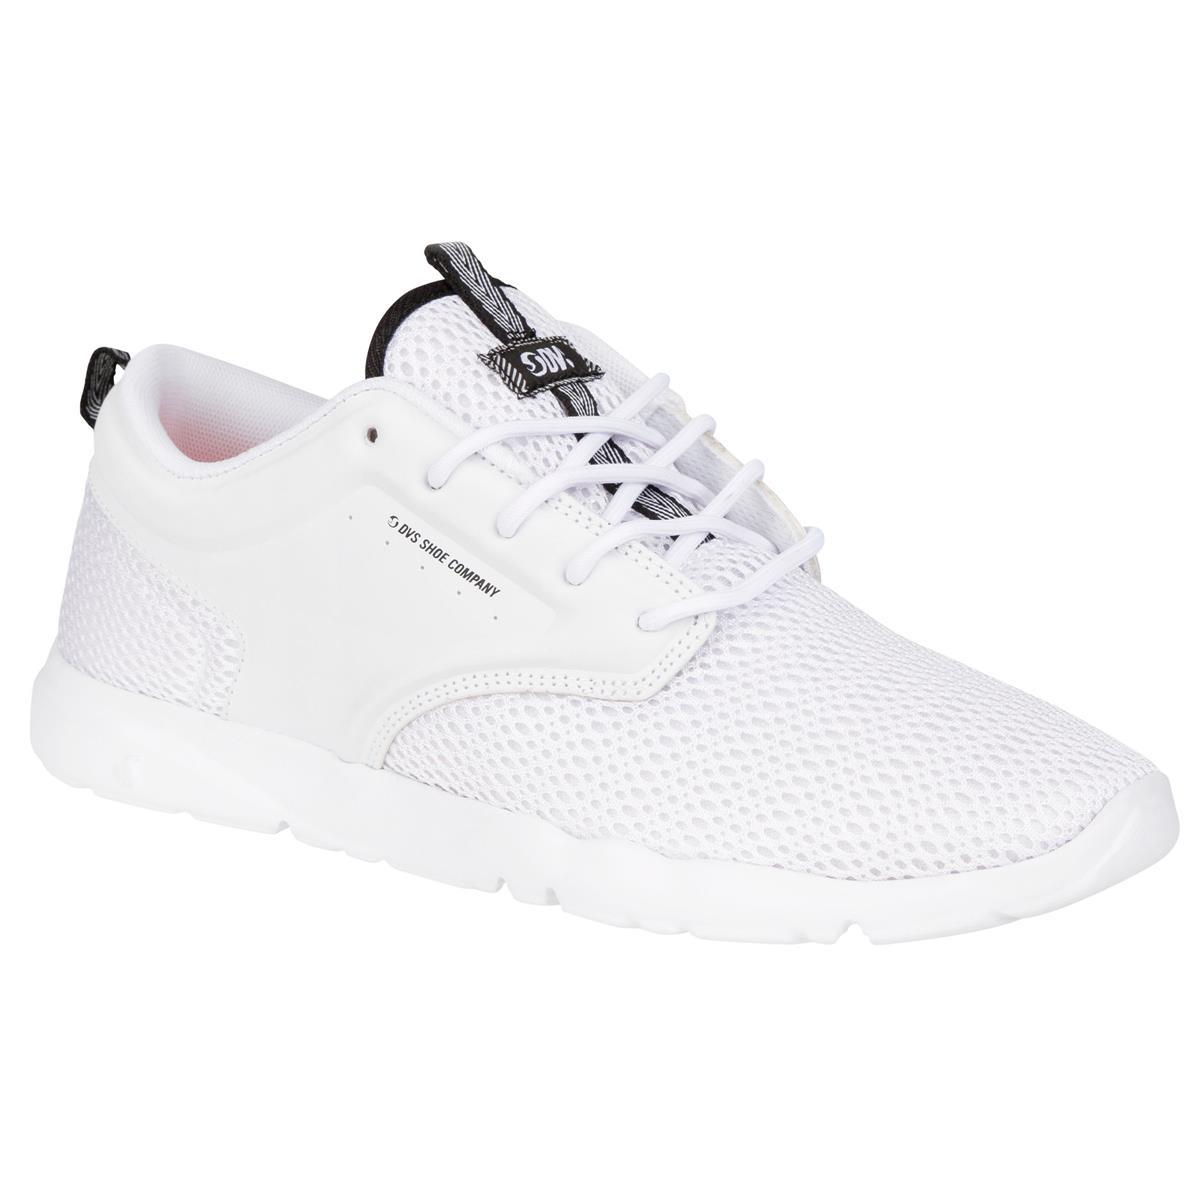 DVS Schuhe Premier 2.0+ Weiß Mesh